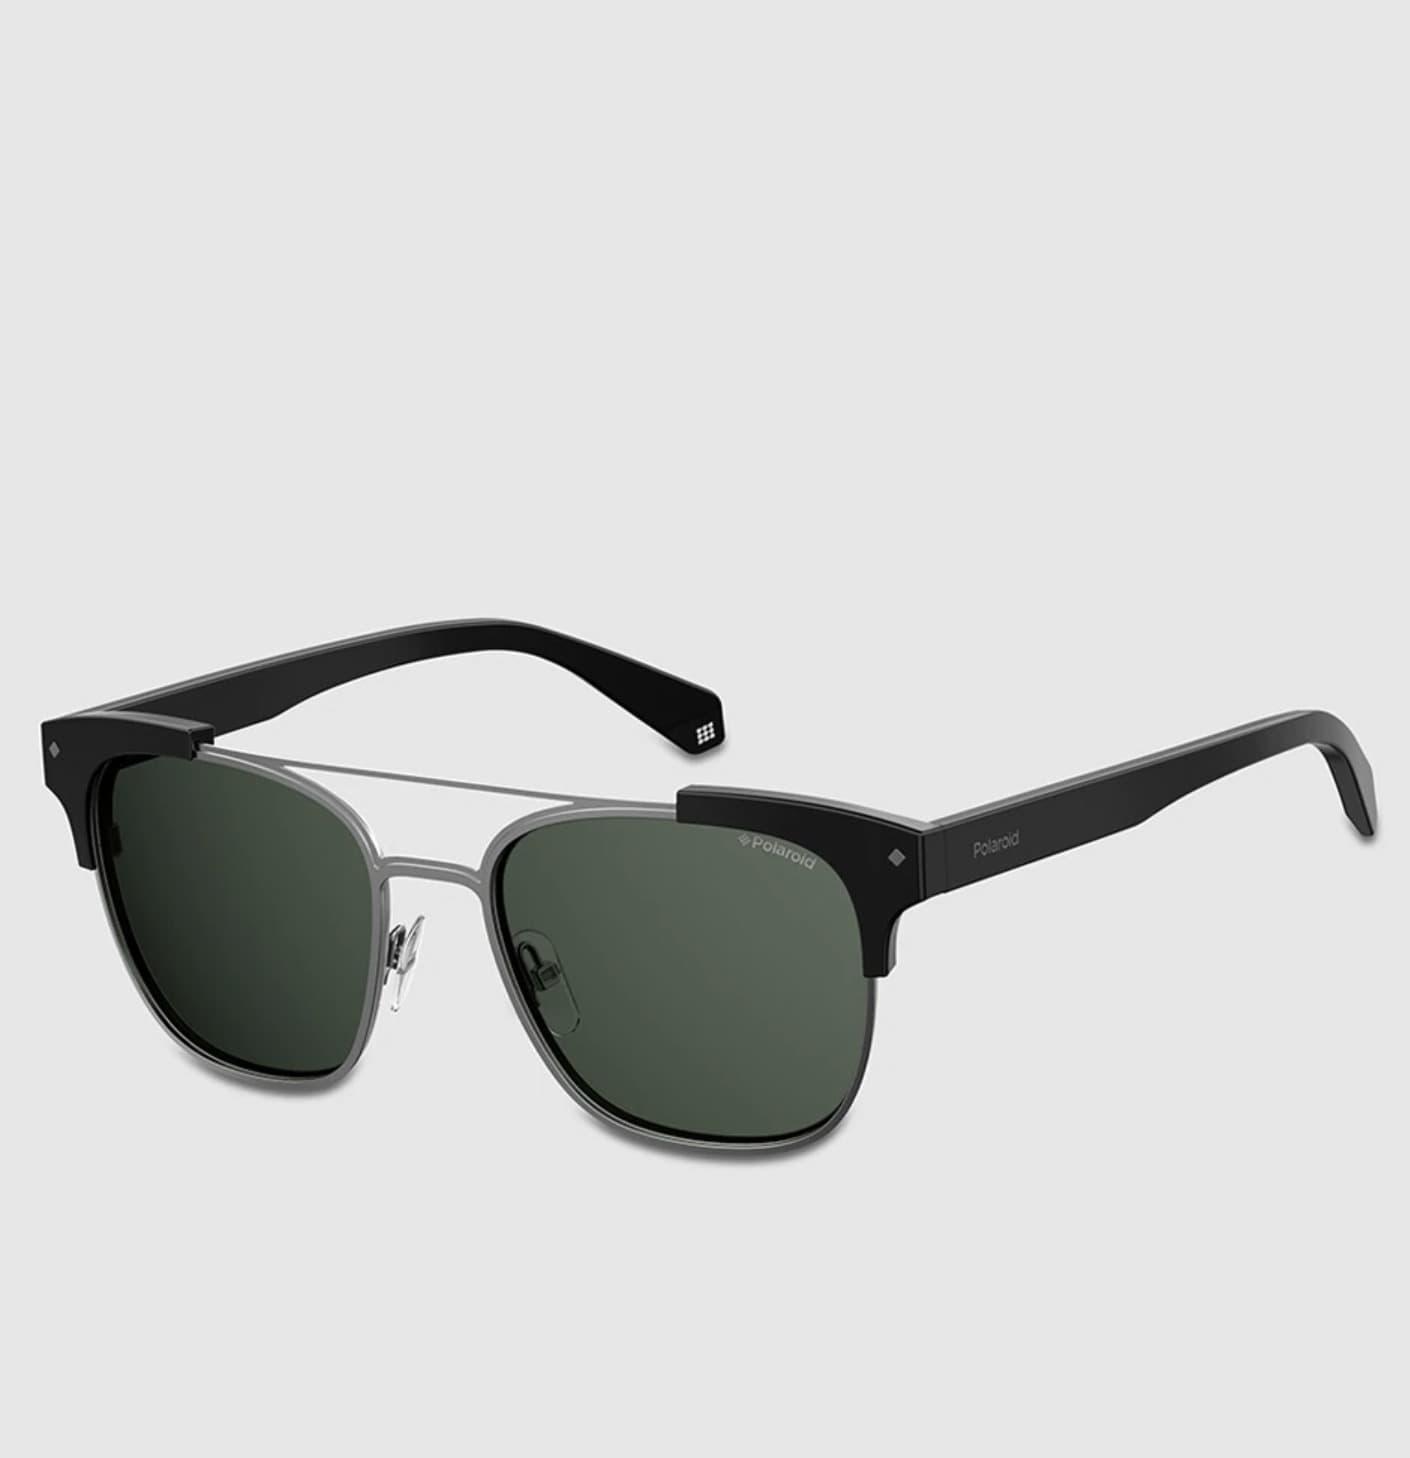 Gafas de sol Polaroid unisex en negro con montura cuadrada